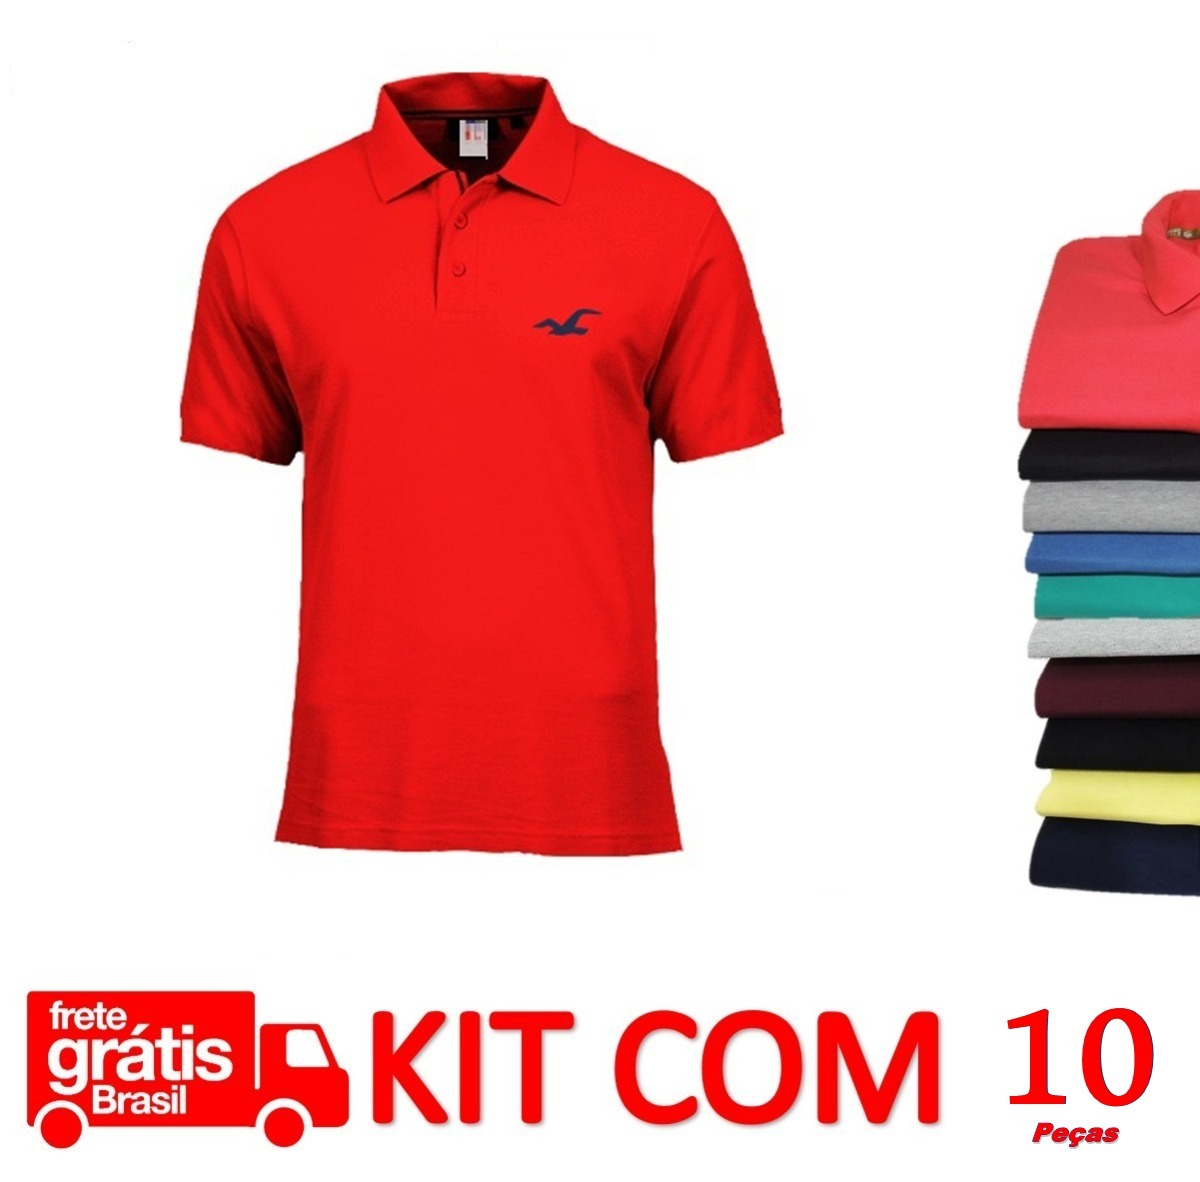 roupa masculina 10 camisas polo básica promoção frete grátis. Carregando  zoom. 92b78e37bf197